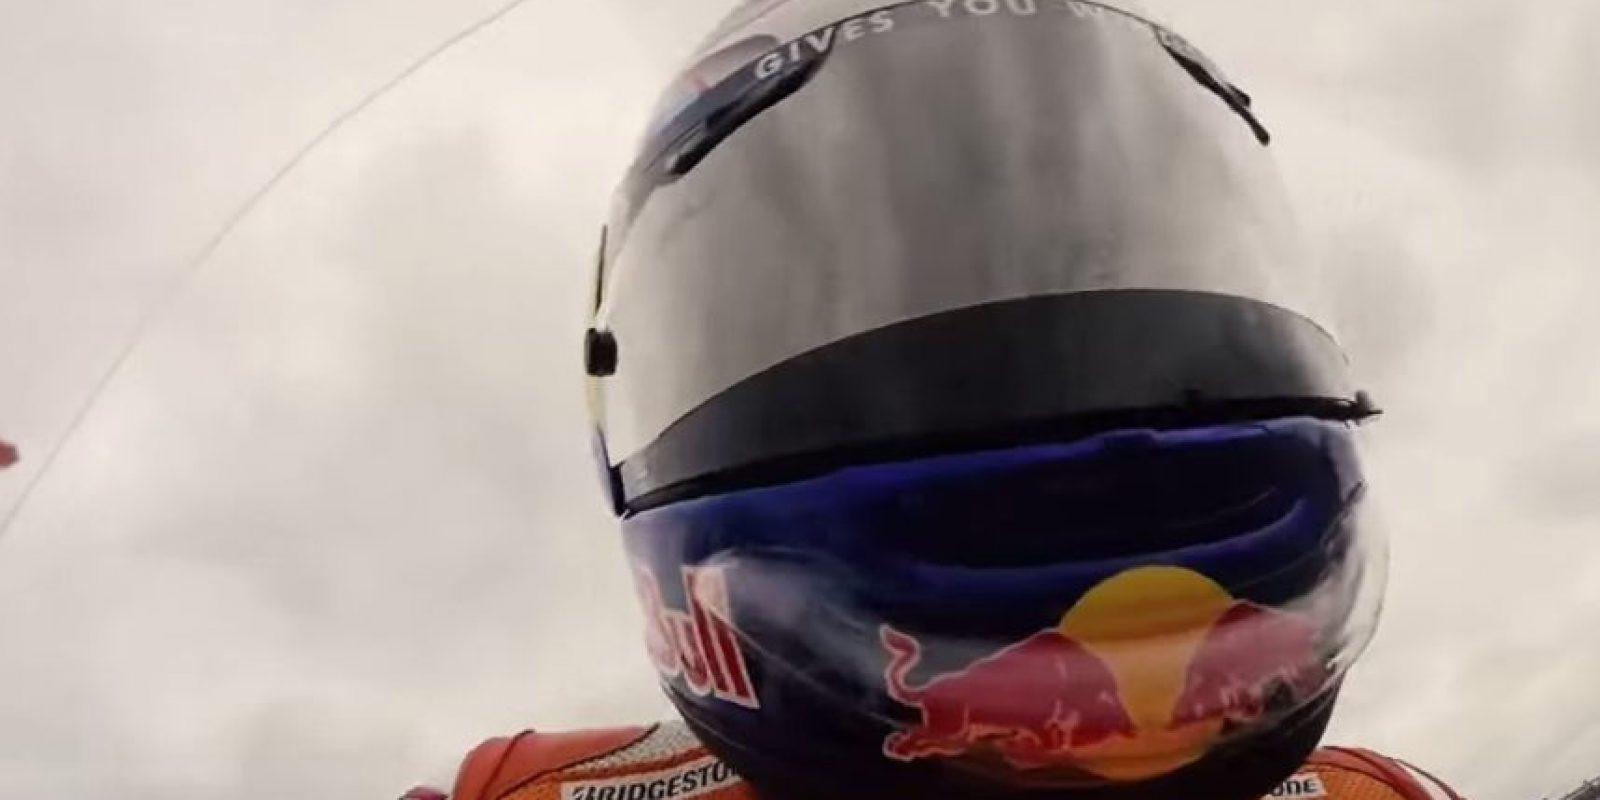 Dani Pedrosa en la moto. Foto:MotoGP